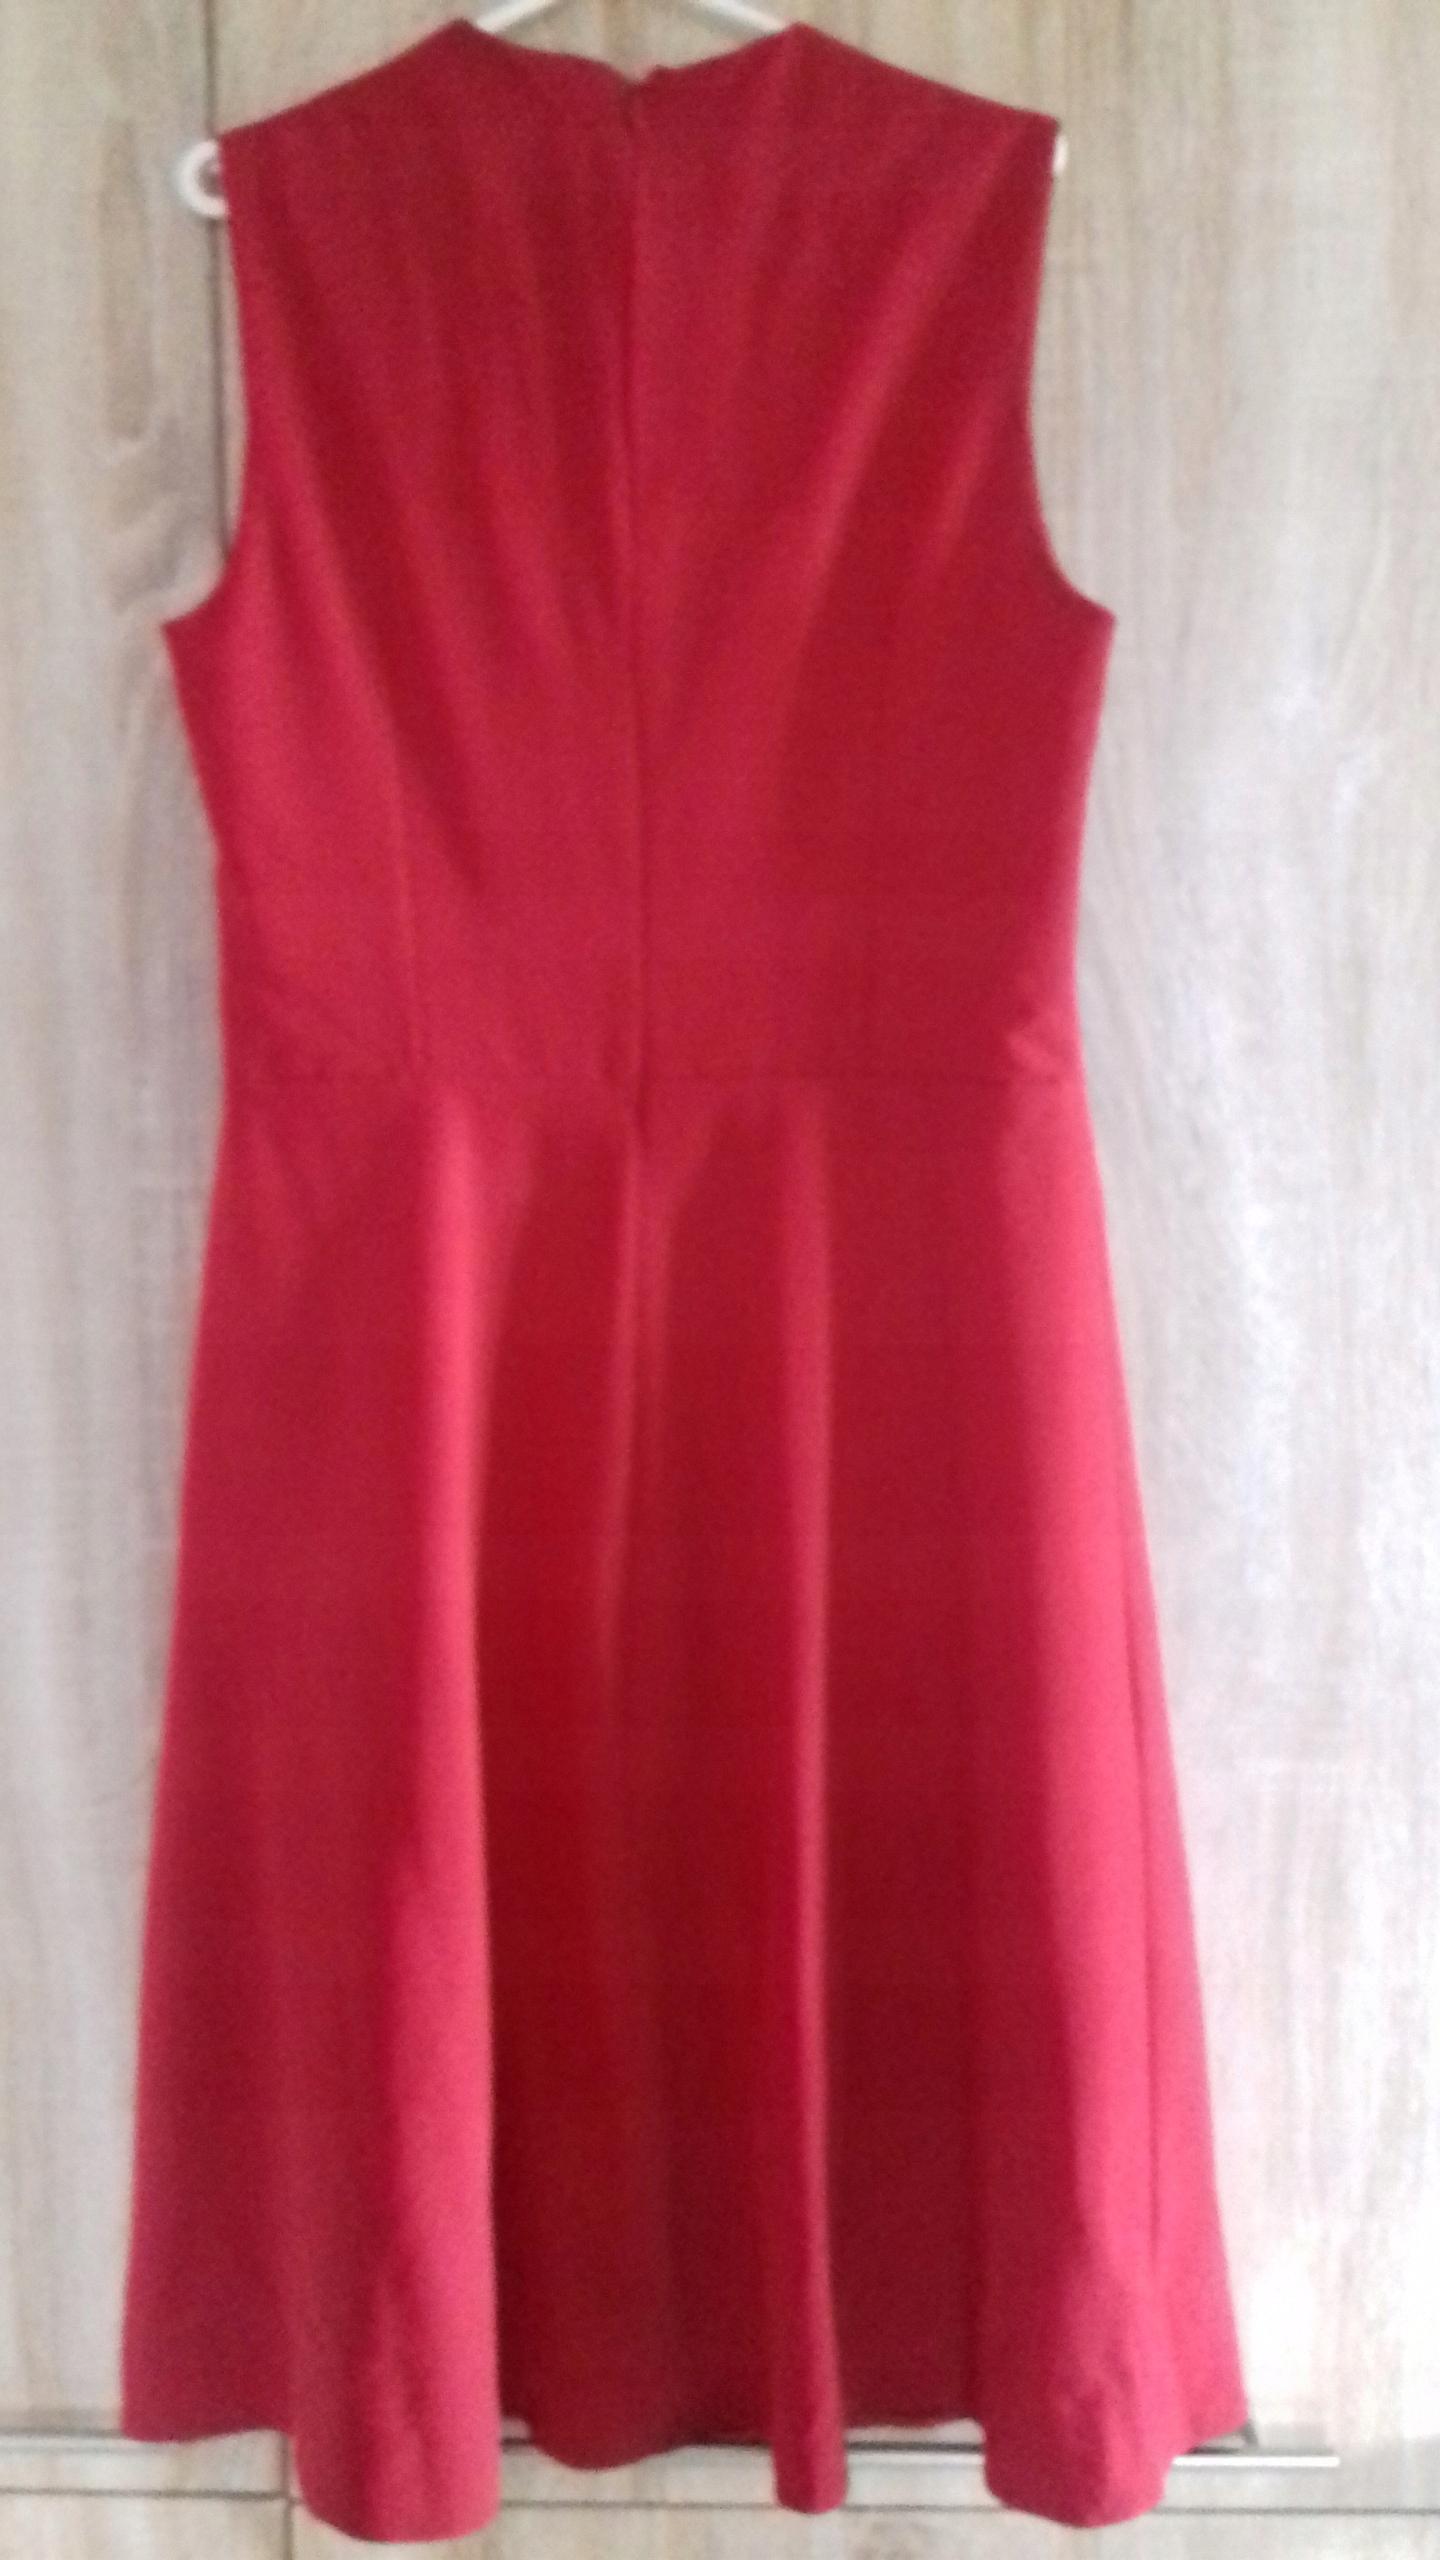 09e1a91514 Sukienka czerwona- litera A -rozmiar 42 - 7521226226 - oficjalne ...